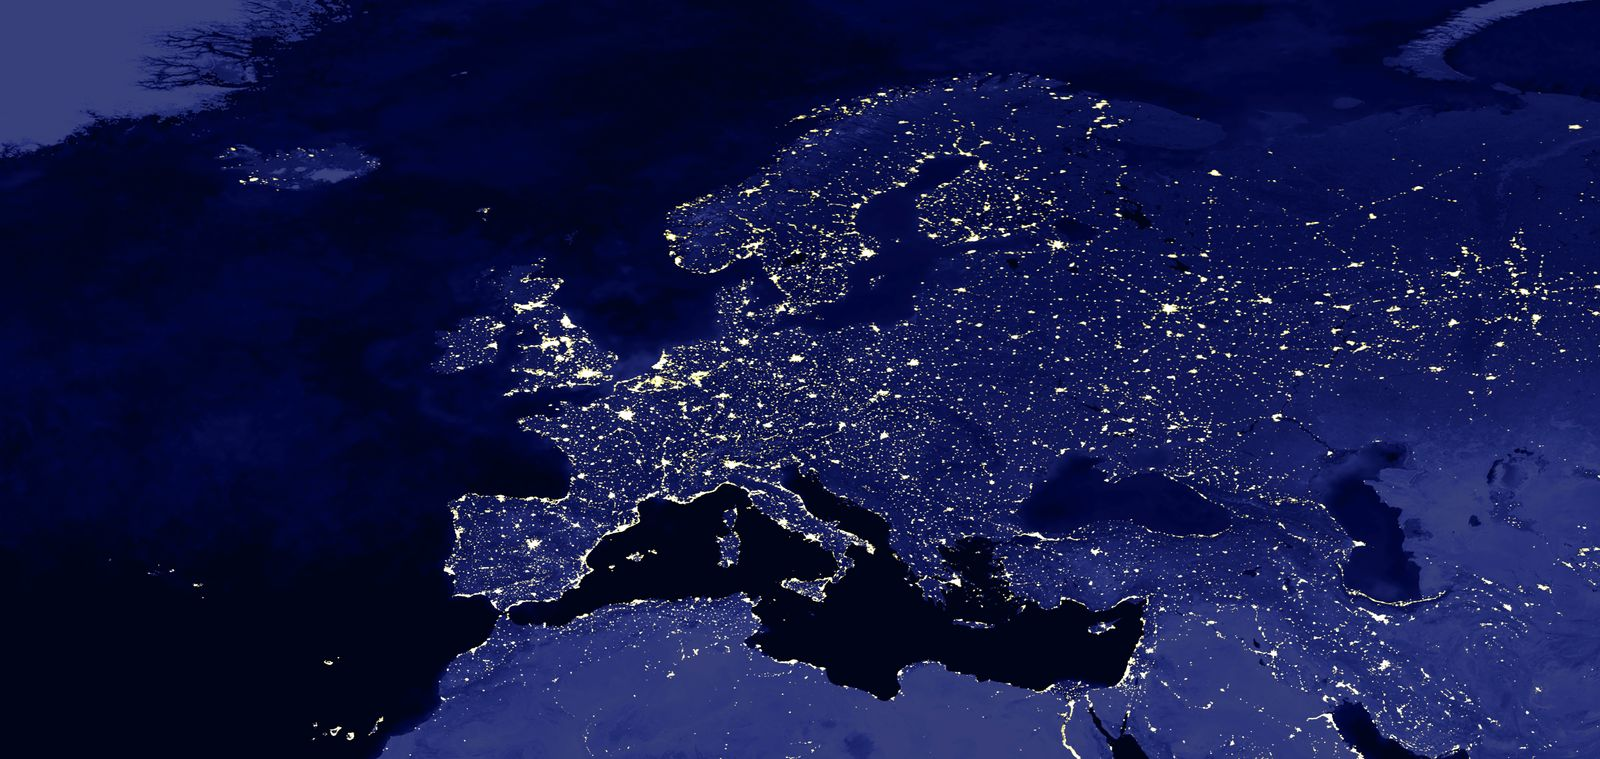 Europa / Satellitenbild